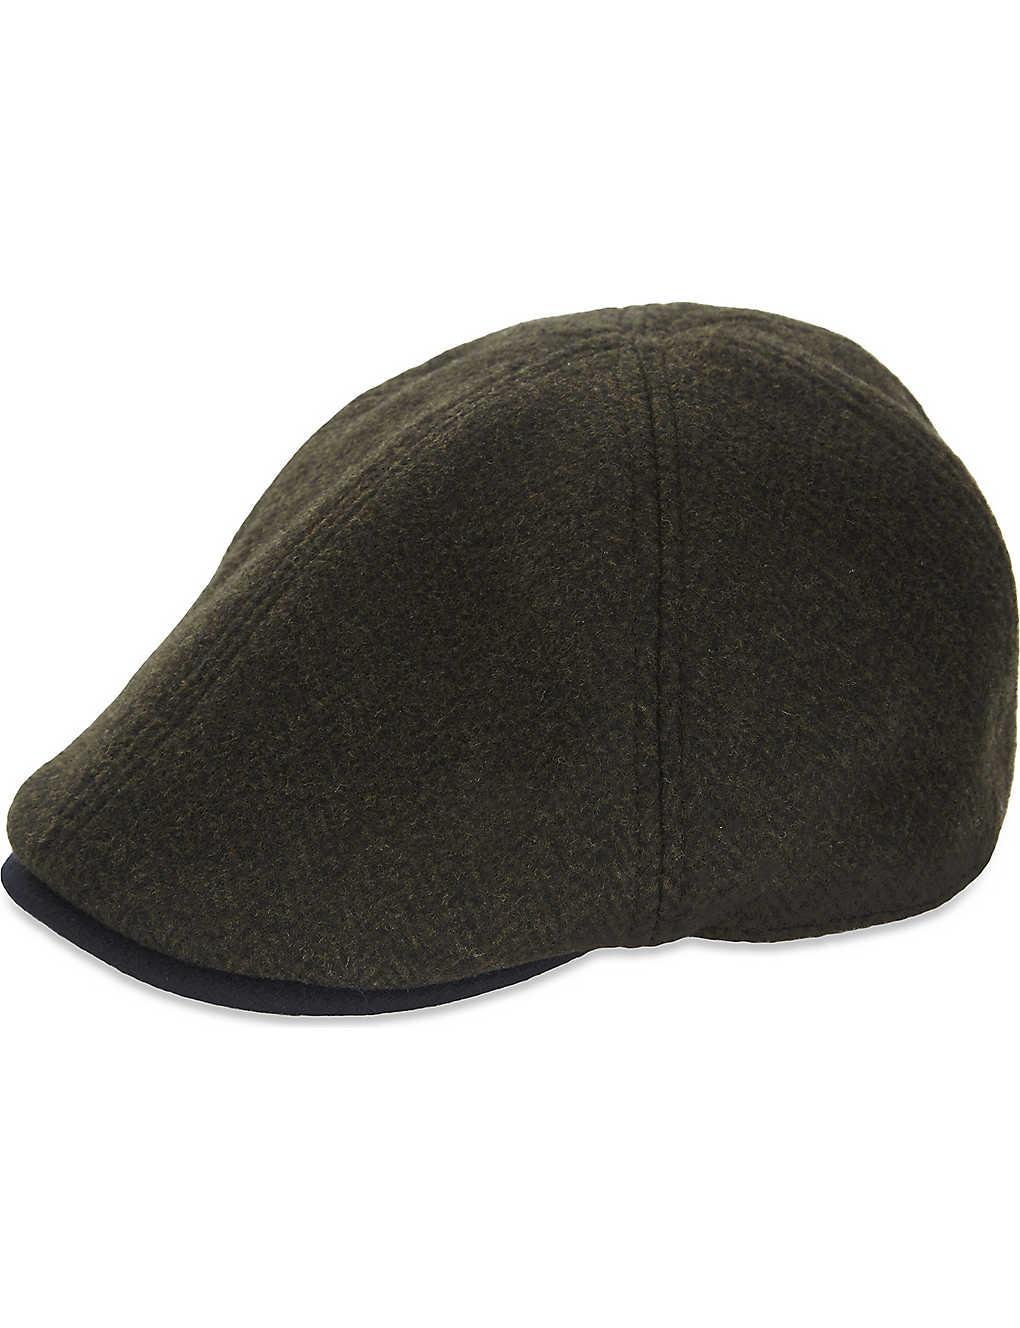 4ac4ef8e015 TED BAKER - Tiedee wool flat cap